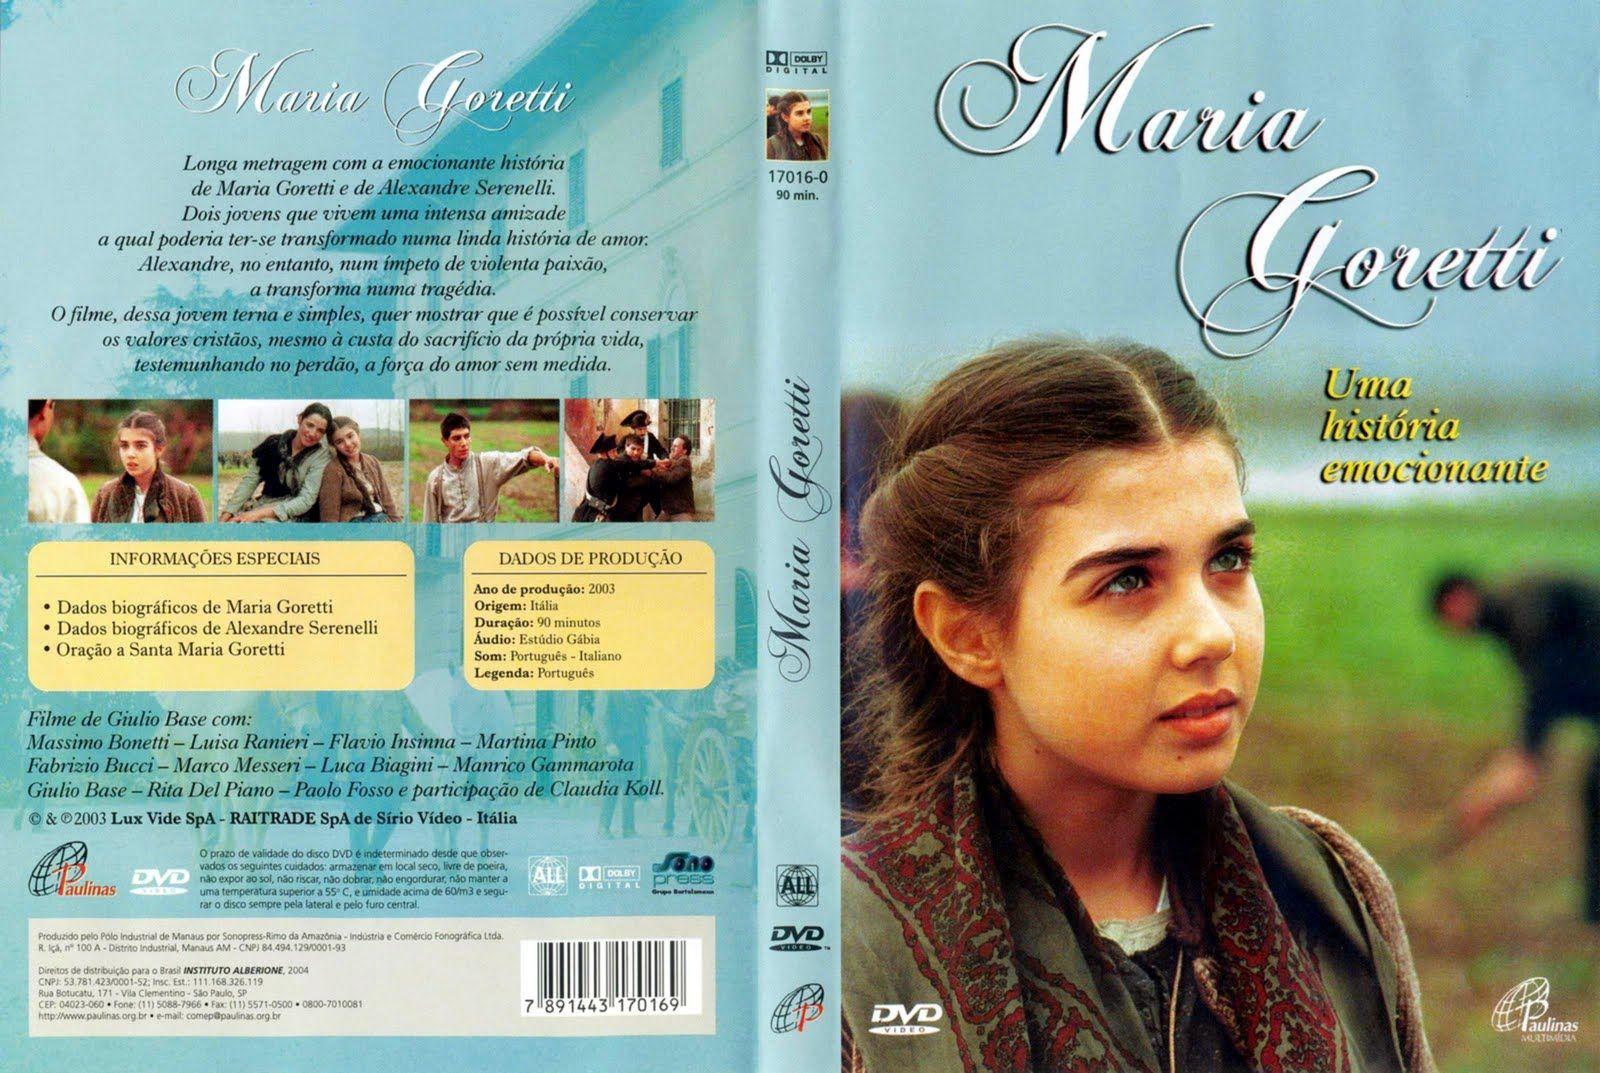 Maria Goretti Uma Historia Emocionante Filmes Religiosos Filmes Catolicos Filmes